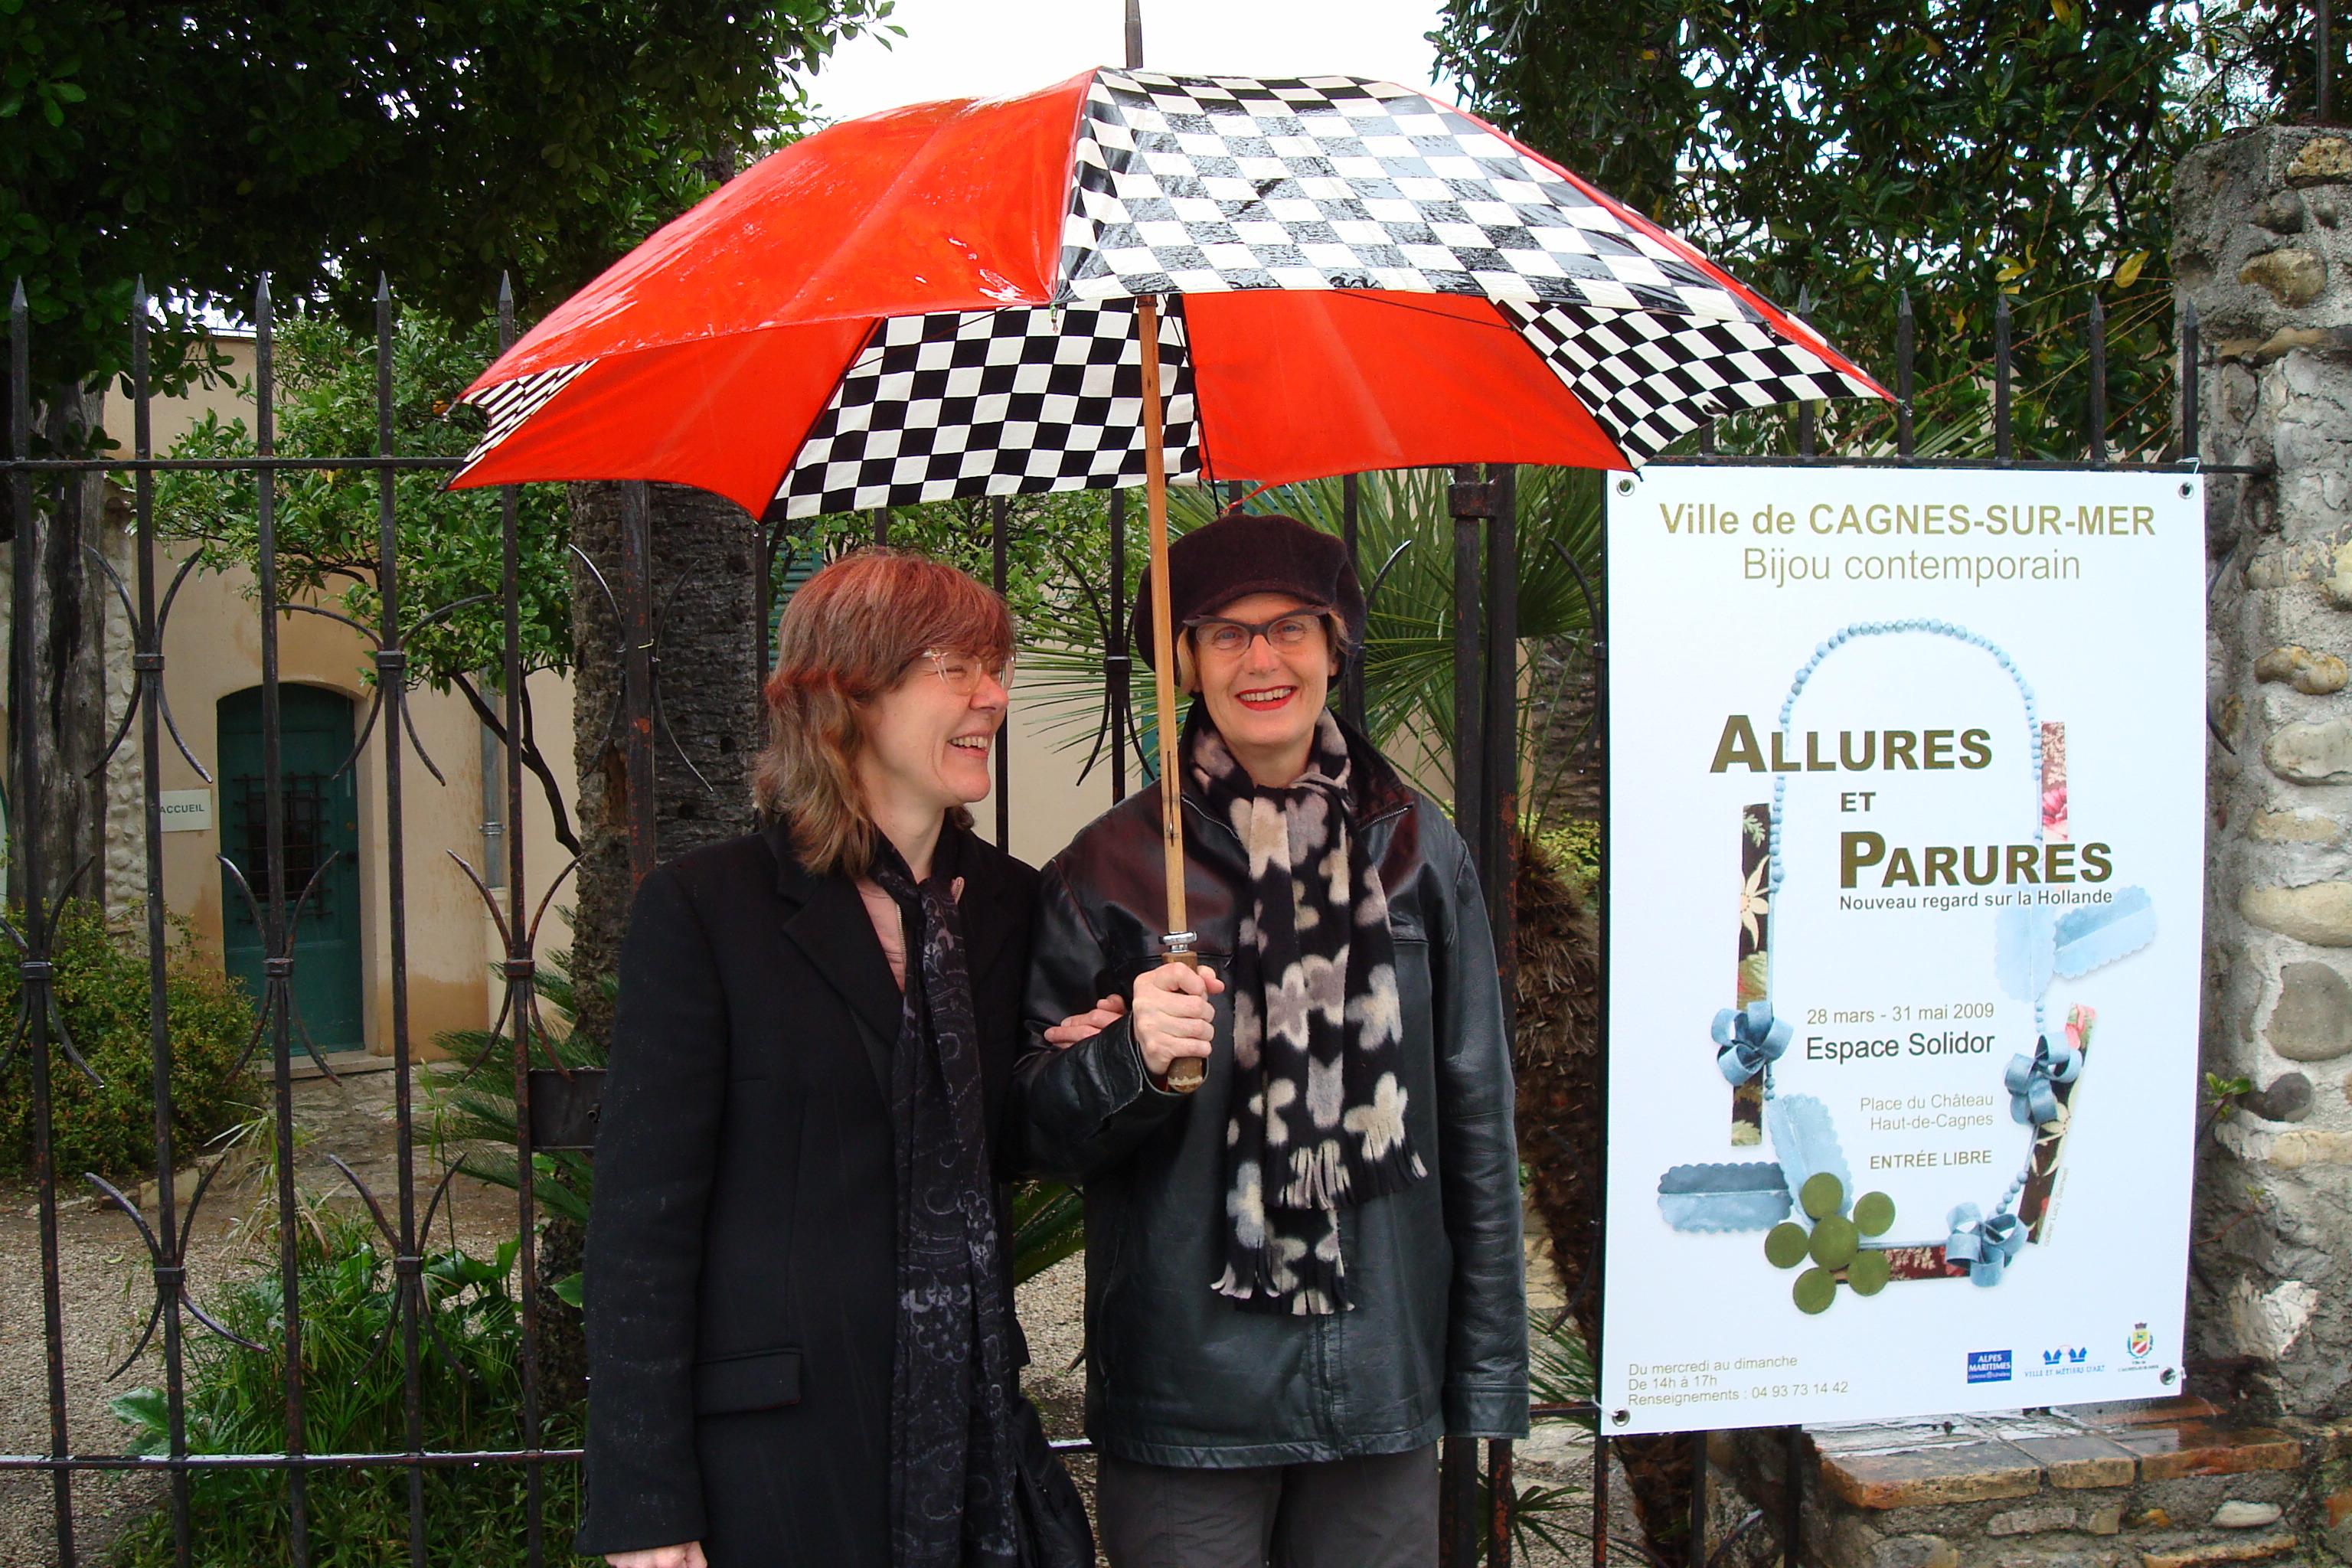 Annelies Planteijdt en Birgit Laken, Espace Solidor, 2009. Foto met dank aan Birgit Laken©